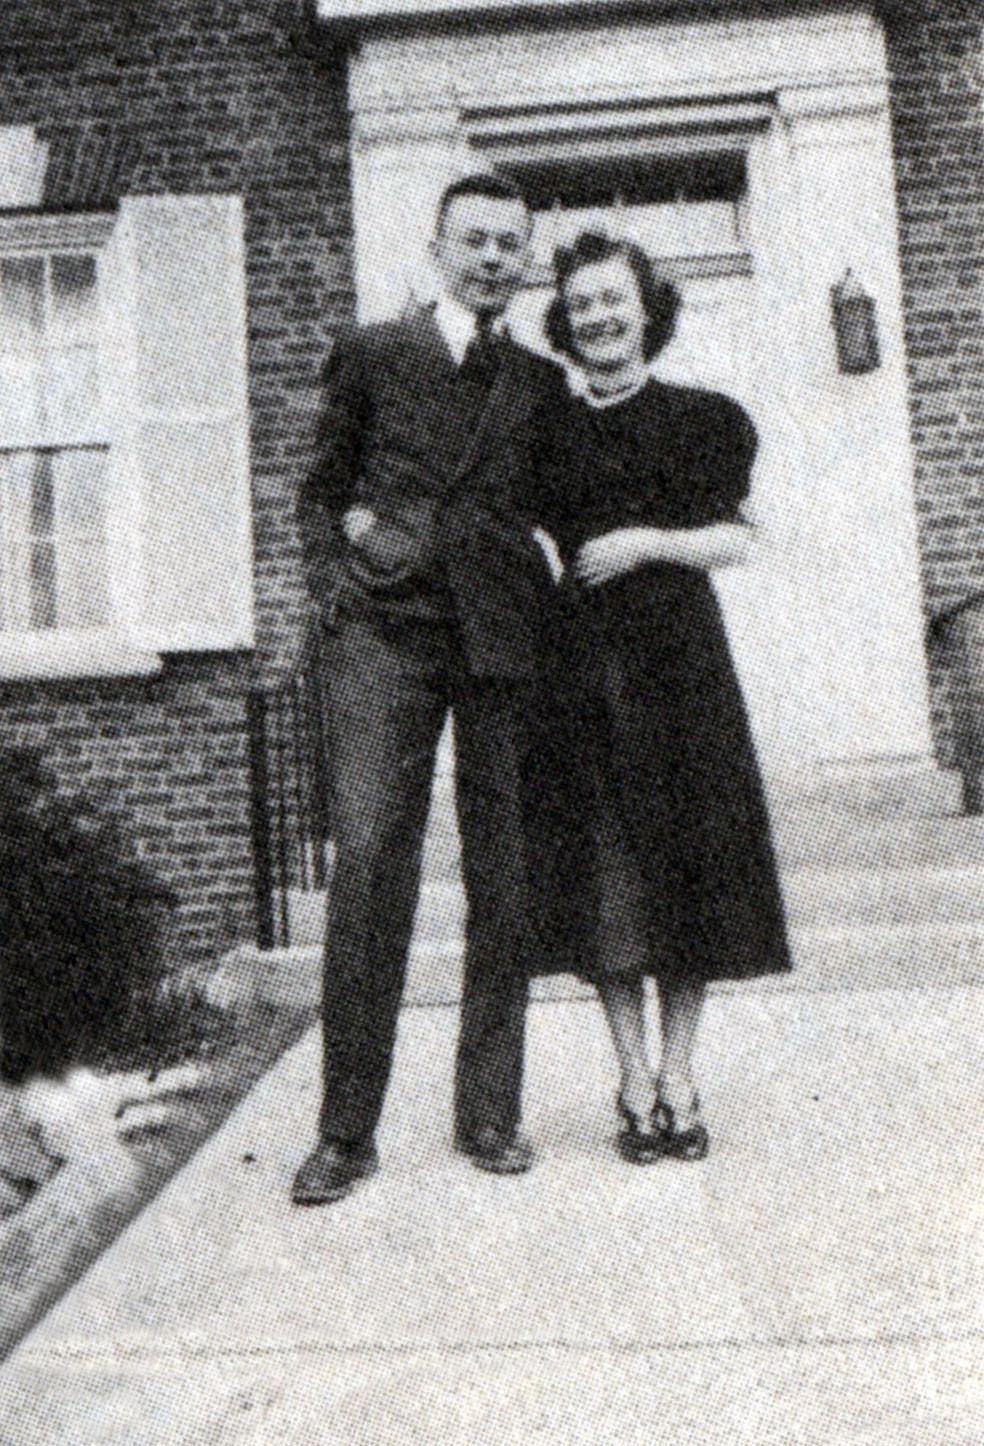 1939-6.jpg